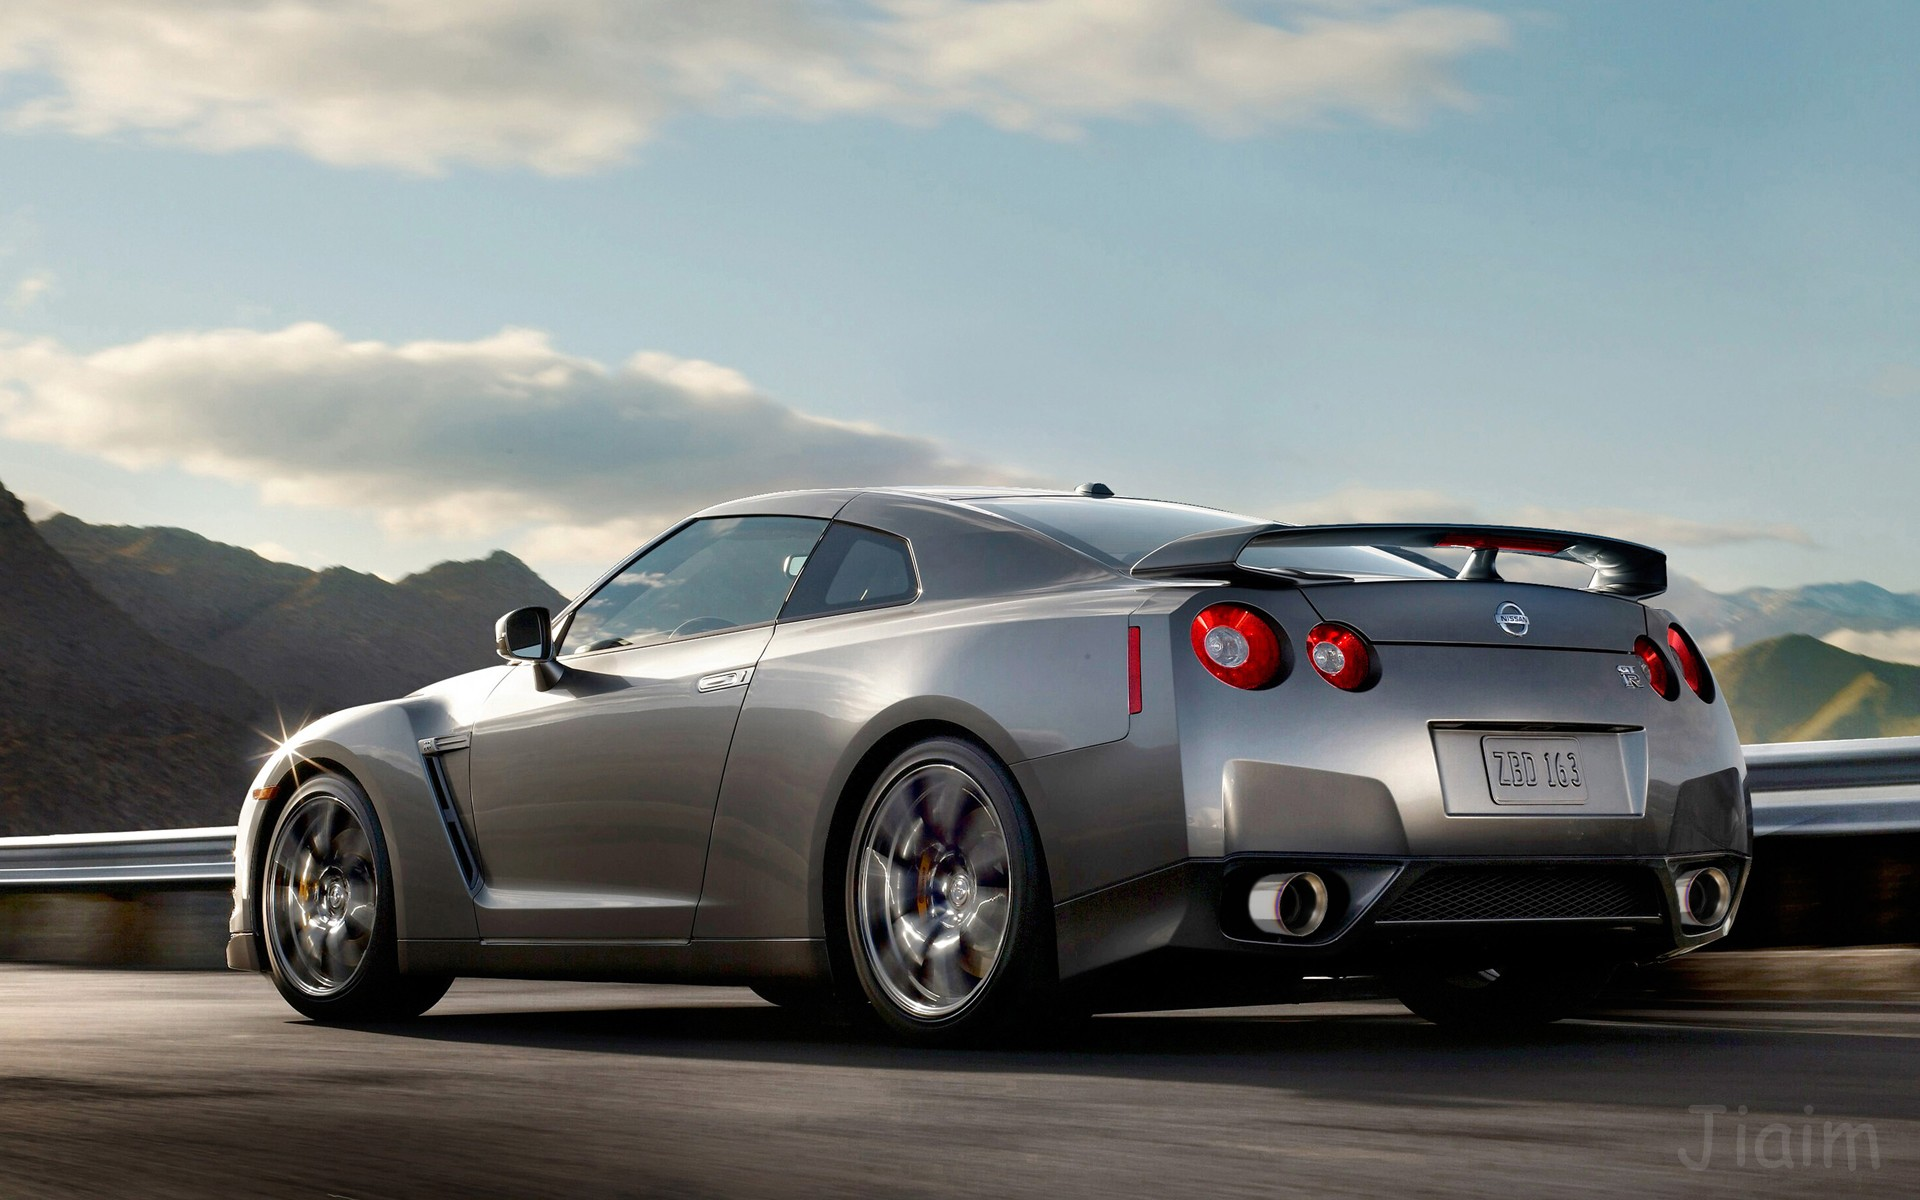 Nissan GT R 2014 hd 1920x1200   imagenes   wallpapers gratis 1920x1200